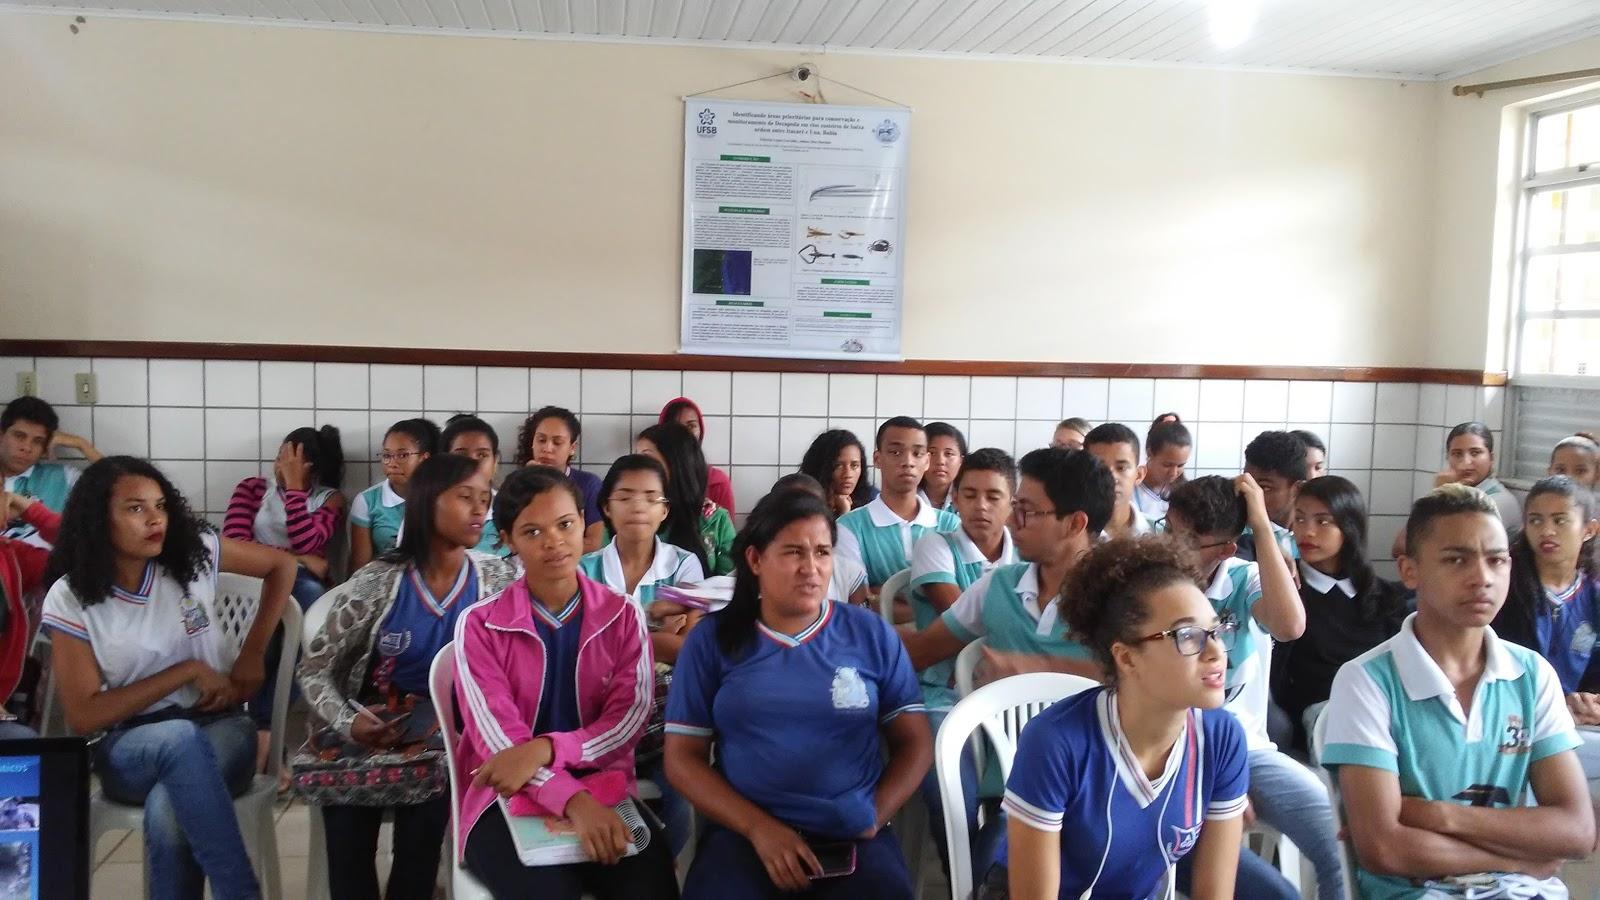 Cerca de 200 estudantes do CUNI Coaraci participaram da atividade